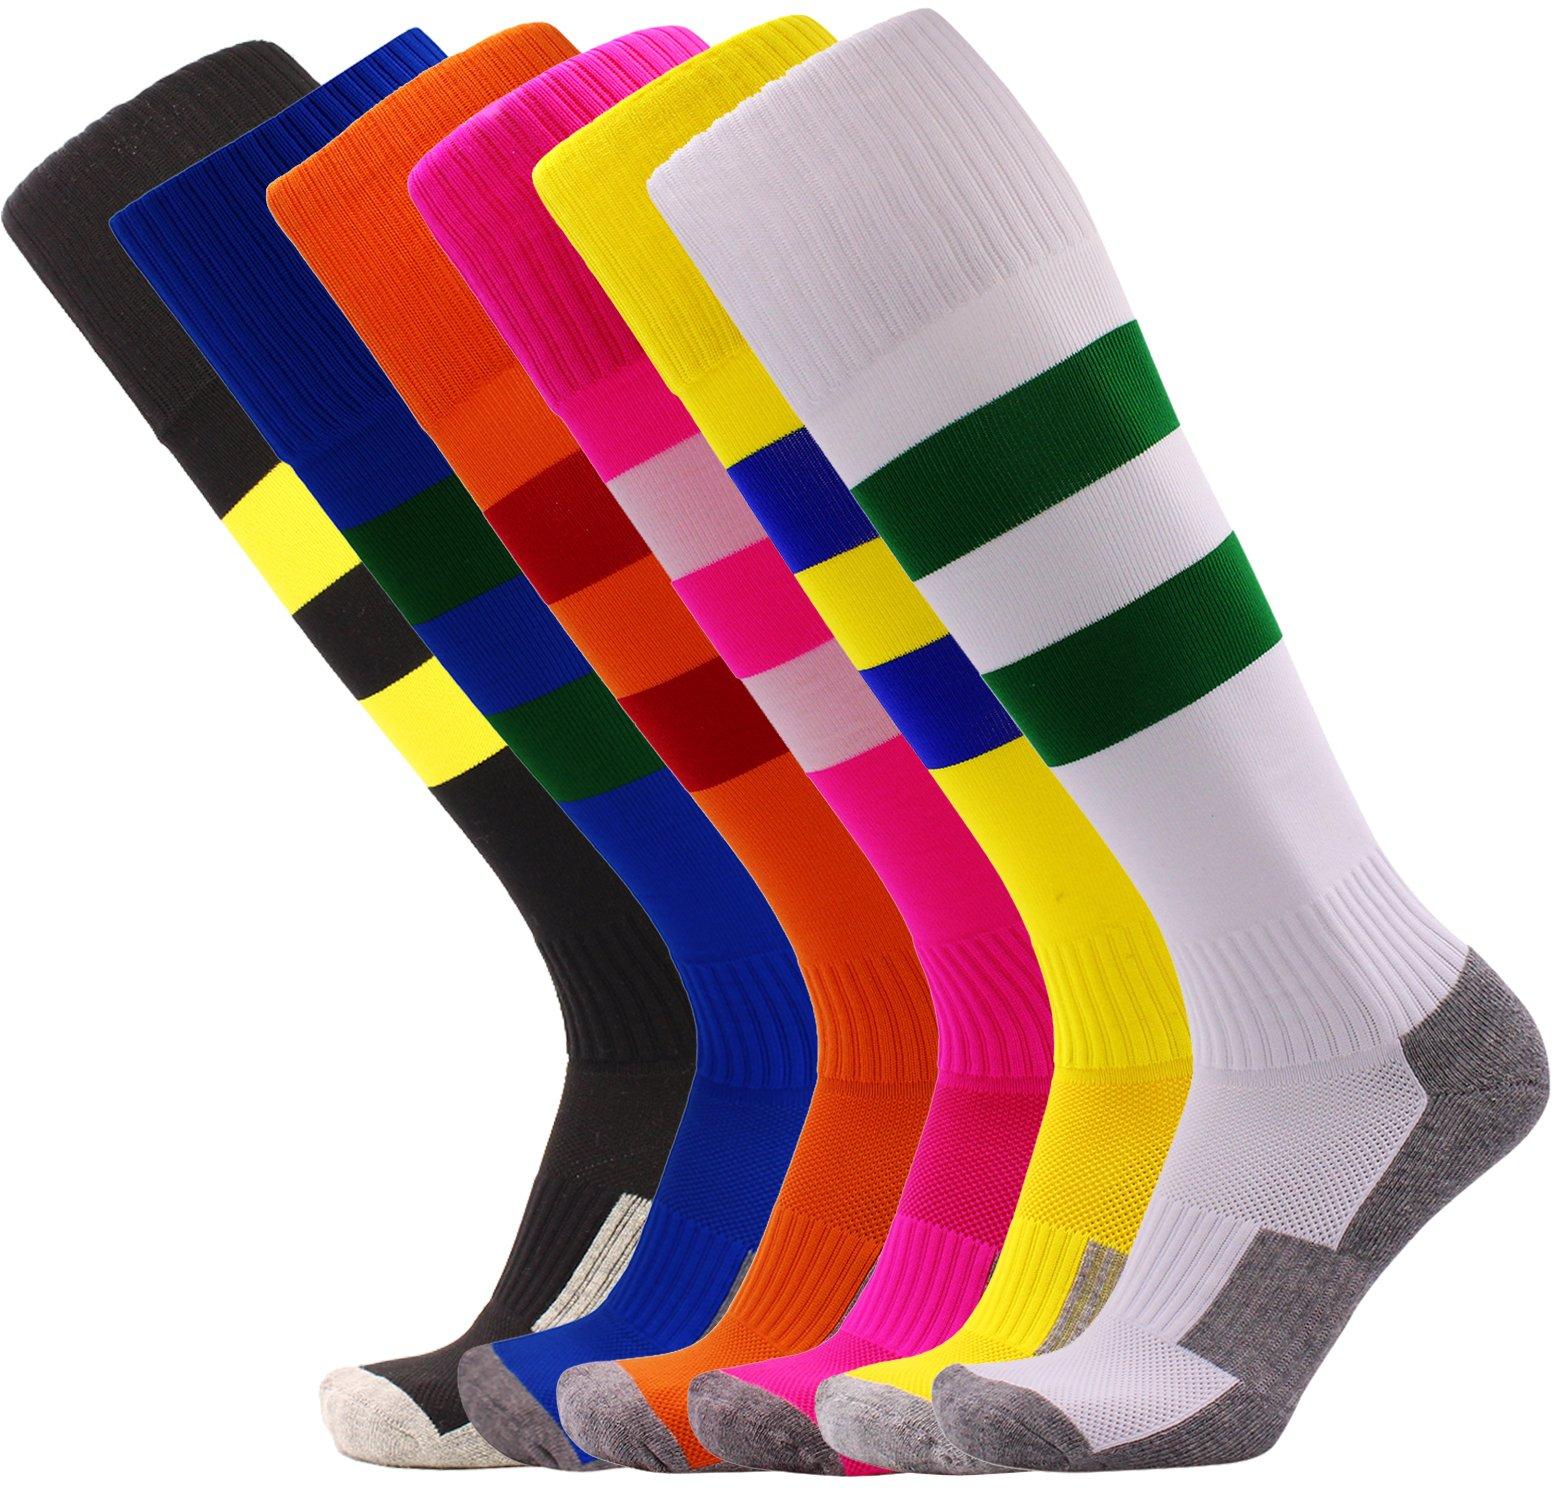 Soccer Socks for Toddler Knee High Colorful Stripe Cushioned Bottom Sport Socks 6 Pack